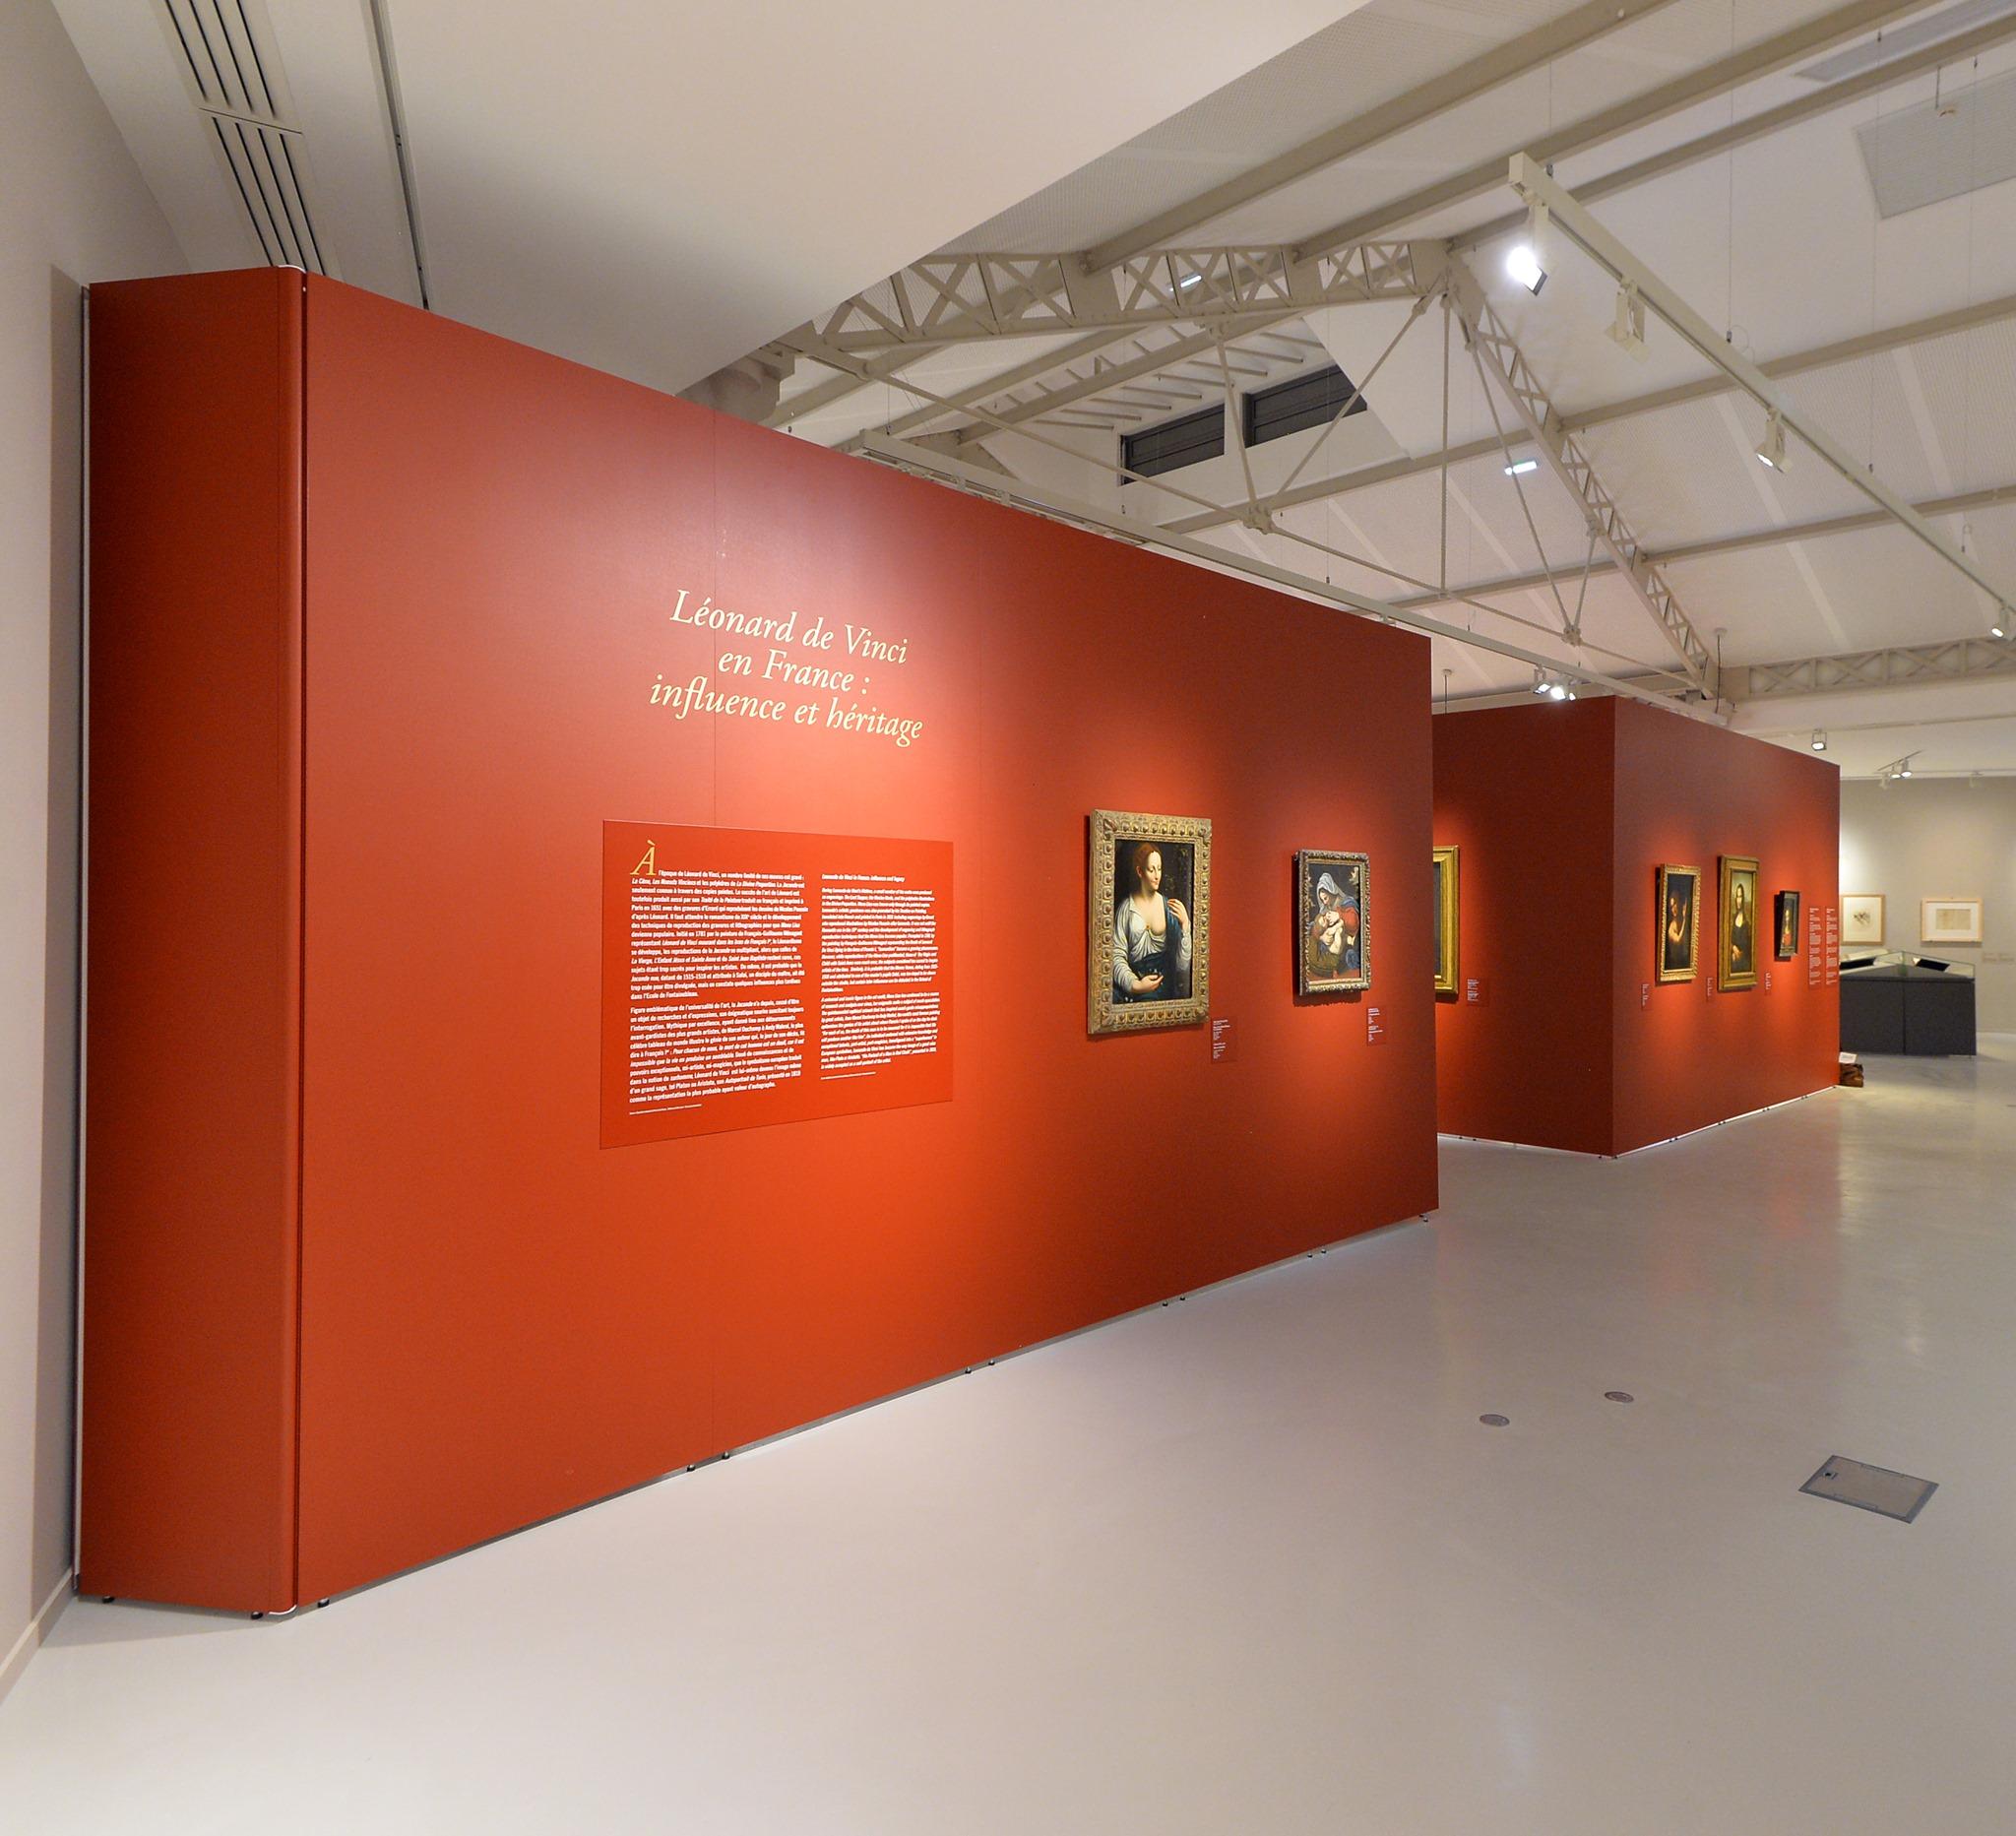 Korpus aus Mila-wall Wandmodulen mit roter Oberflächenbeschichtung